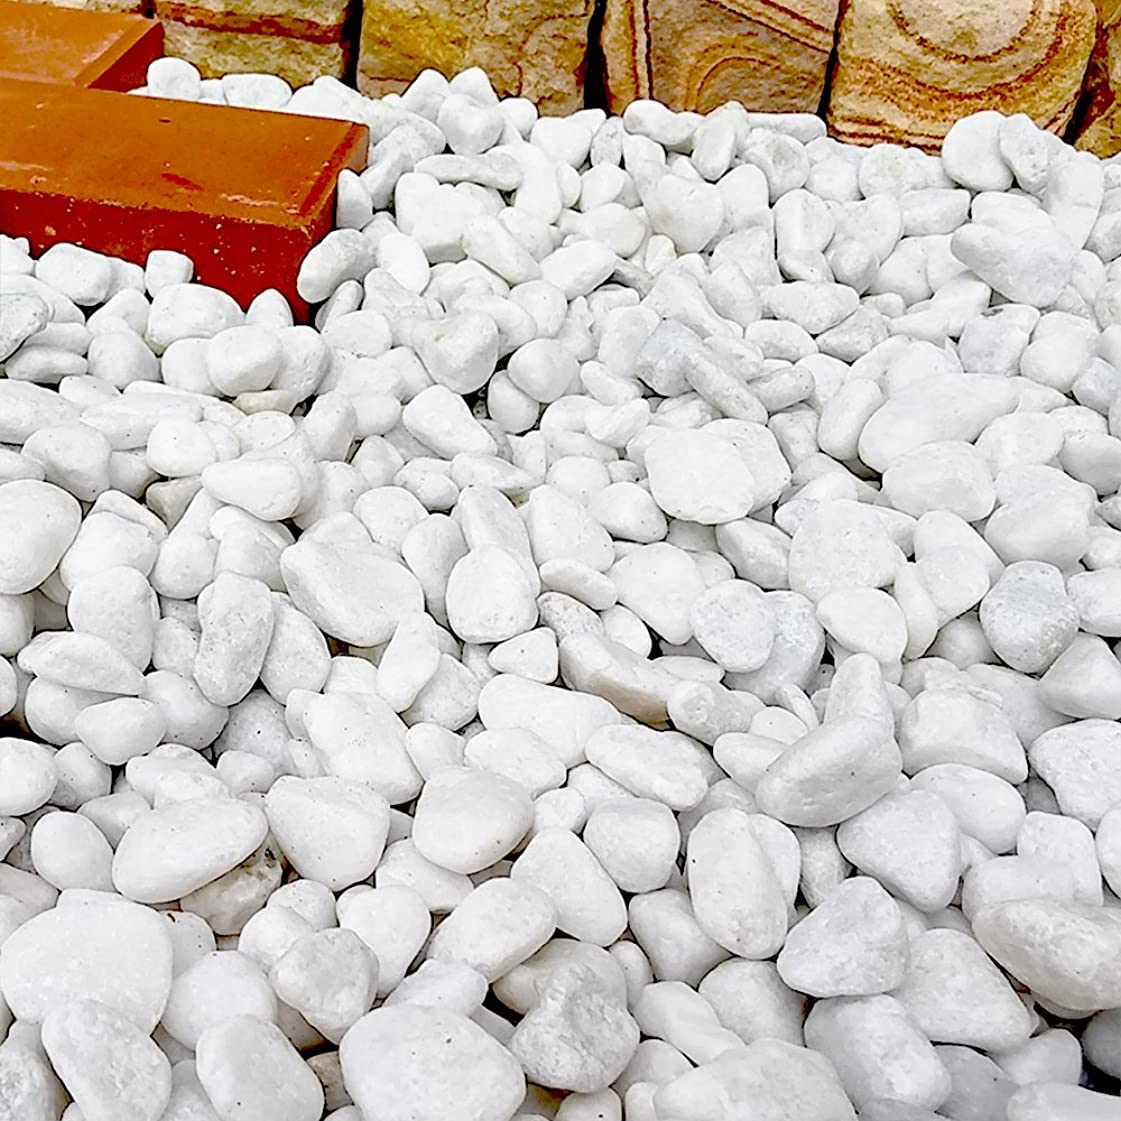 夜カーペット耳天然石 玉石砂利 1-2cm 500kg スノーホワイト (ガーデニングに最適 白色砂利)